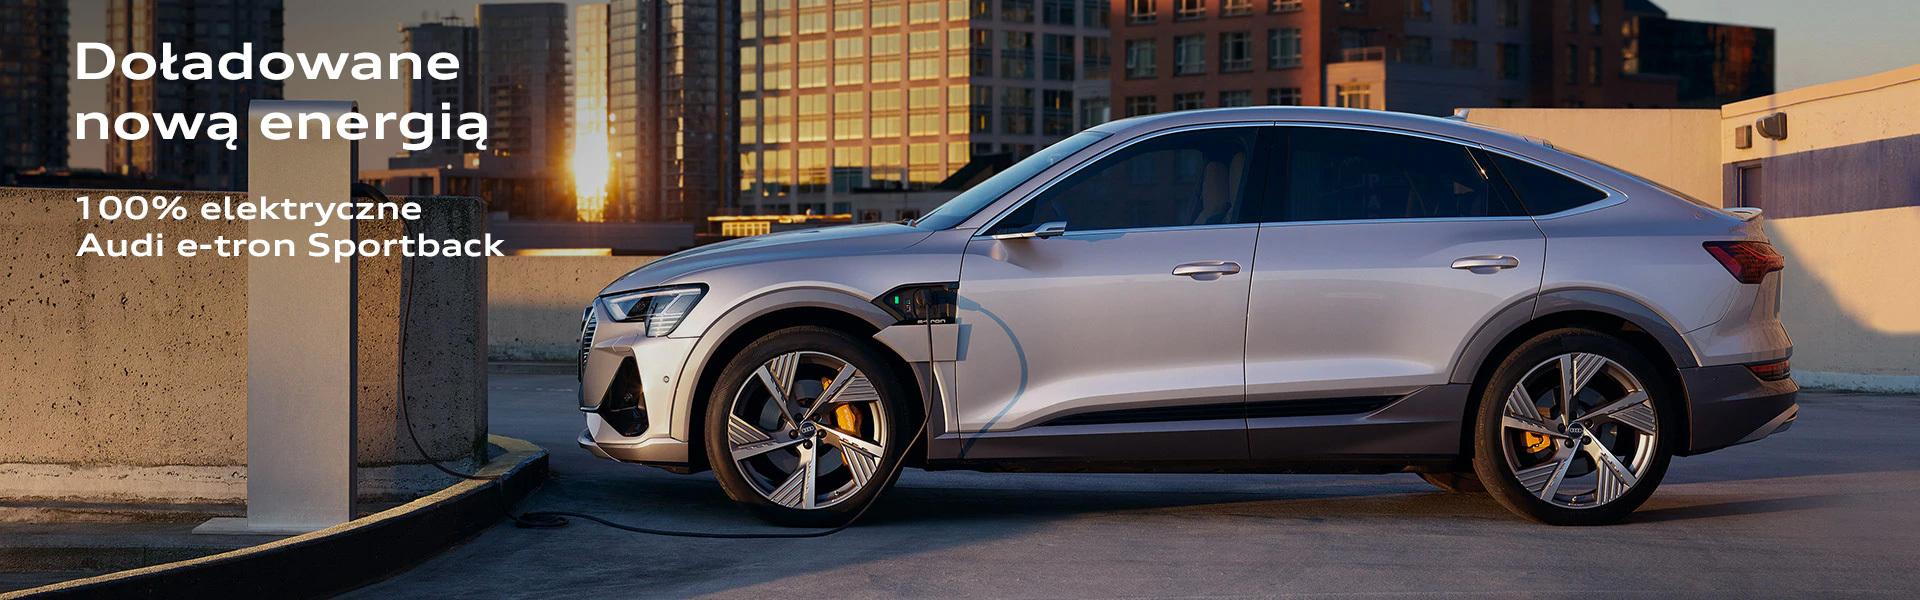 Nowe Audi etron